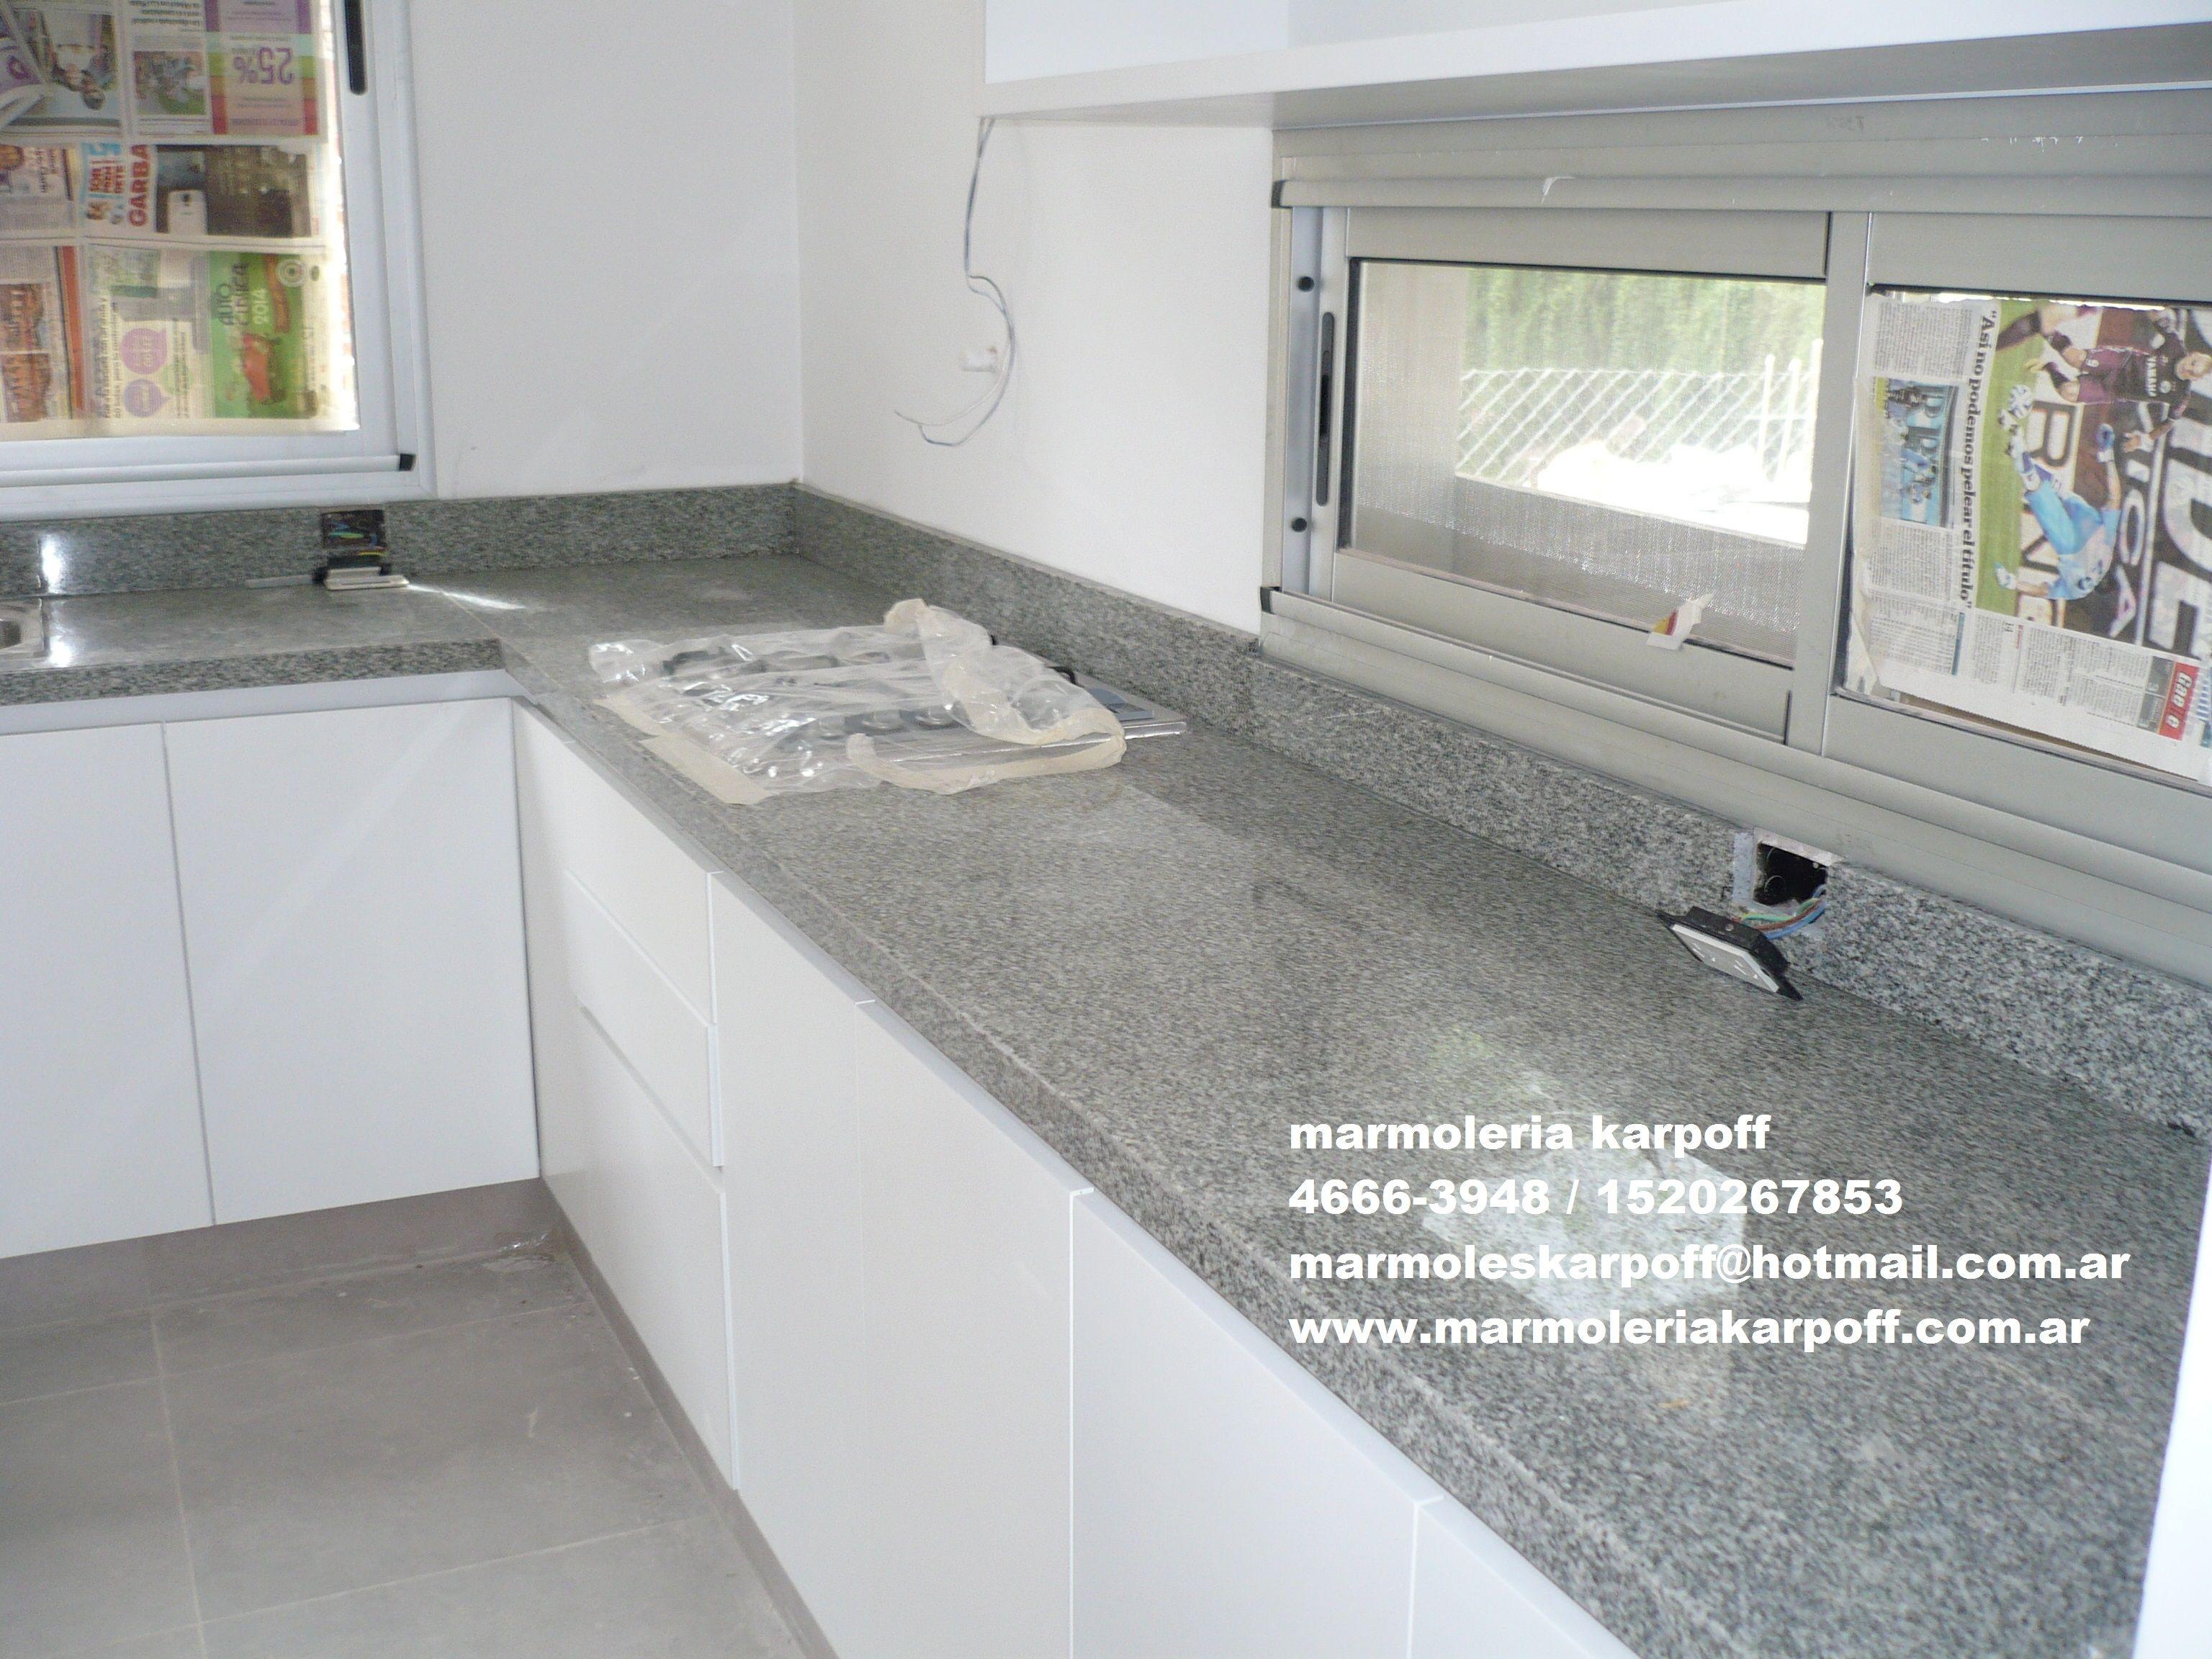 mesada en granito gris mara  Marmolera karpoff en 2019